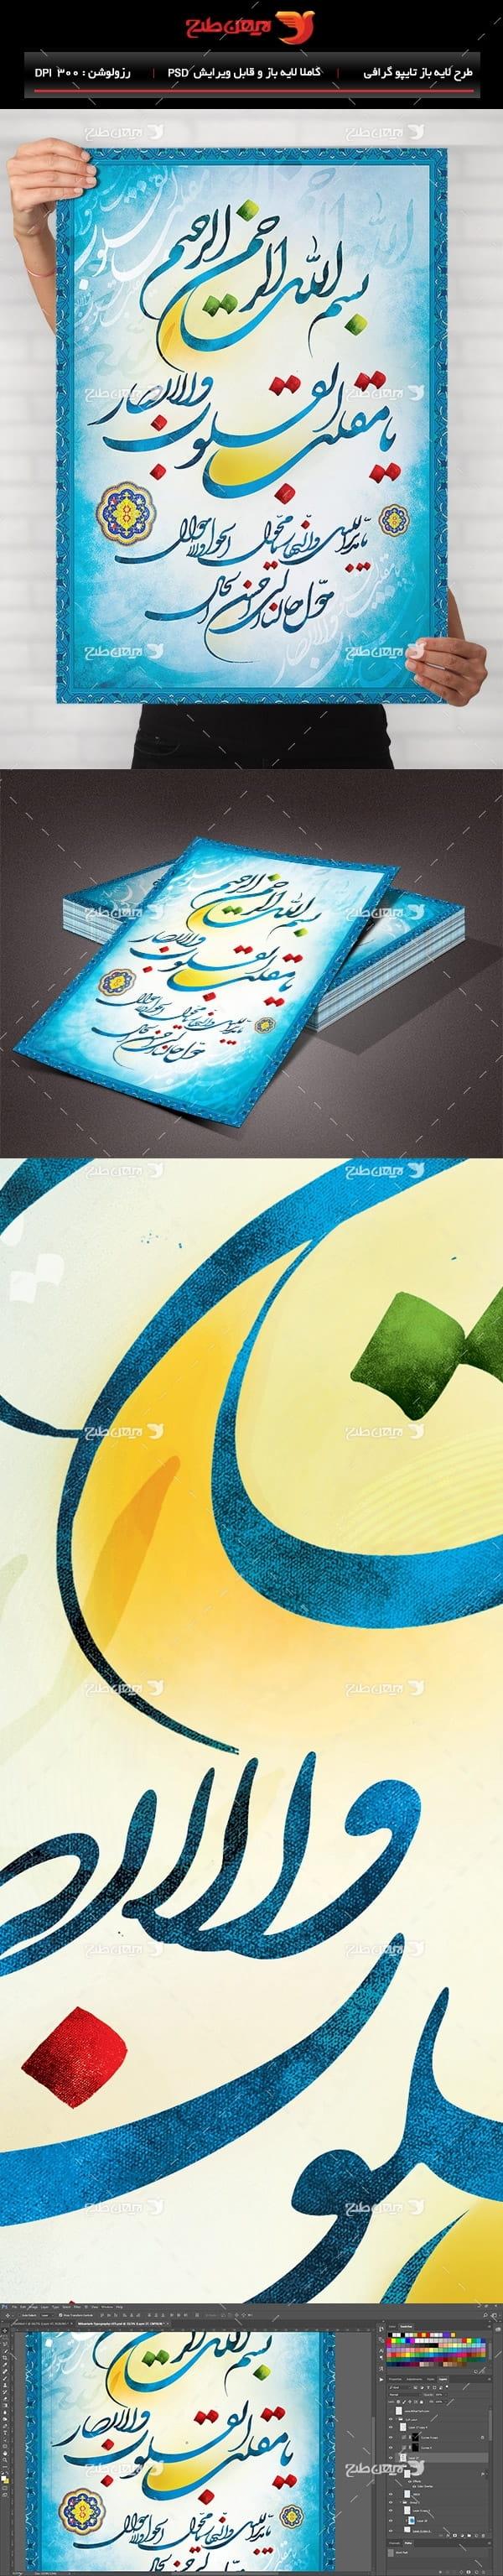 طرح لایه باز تایپوگرافی و خطاطی یا مقلب قلوب و الابصار - عید نوروز